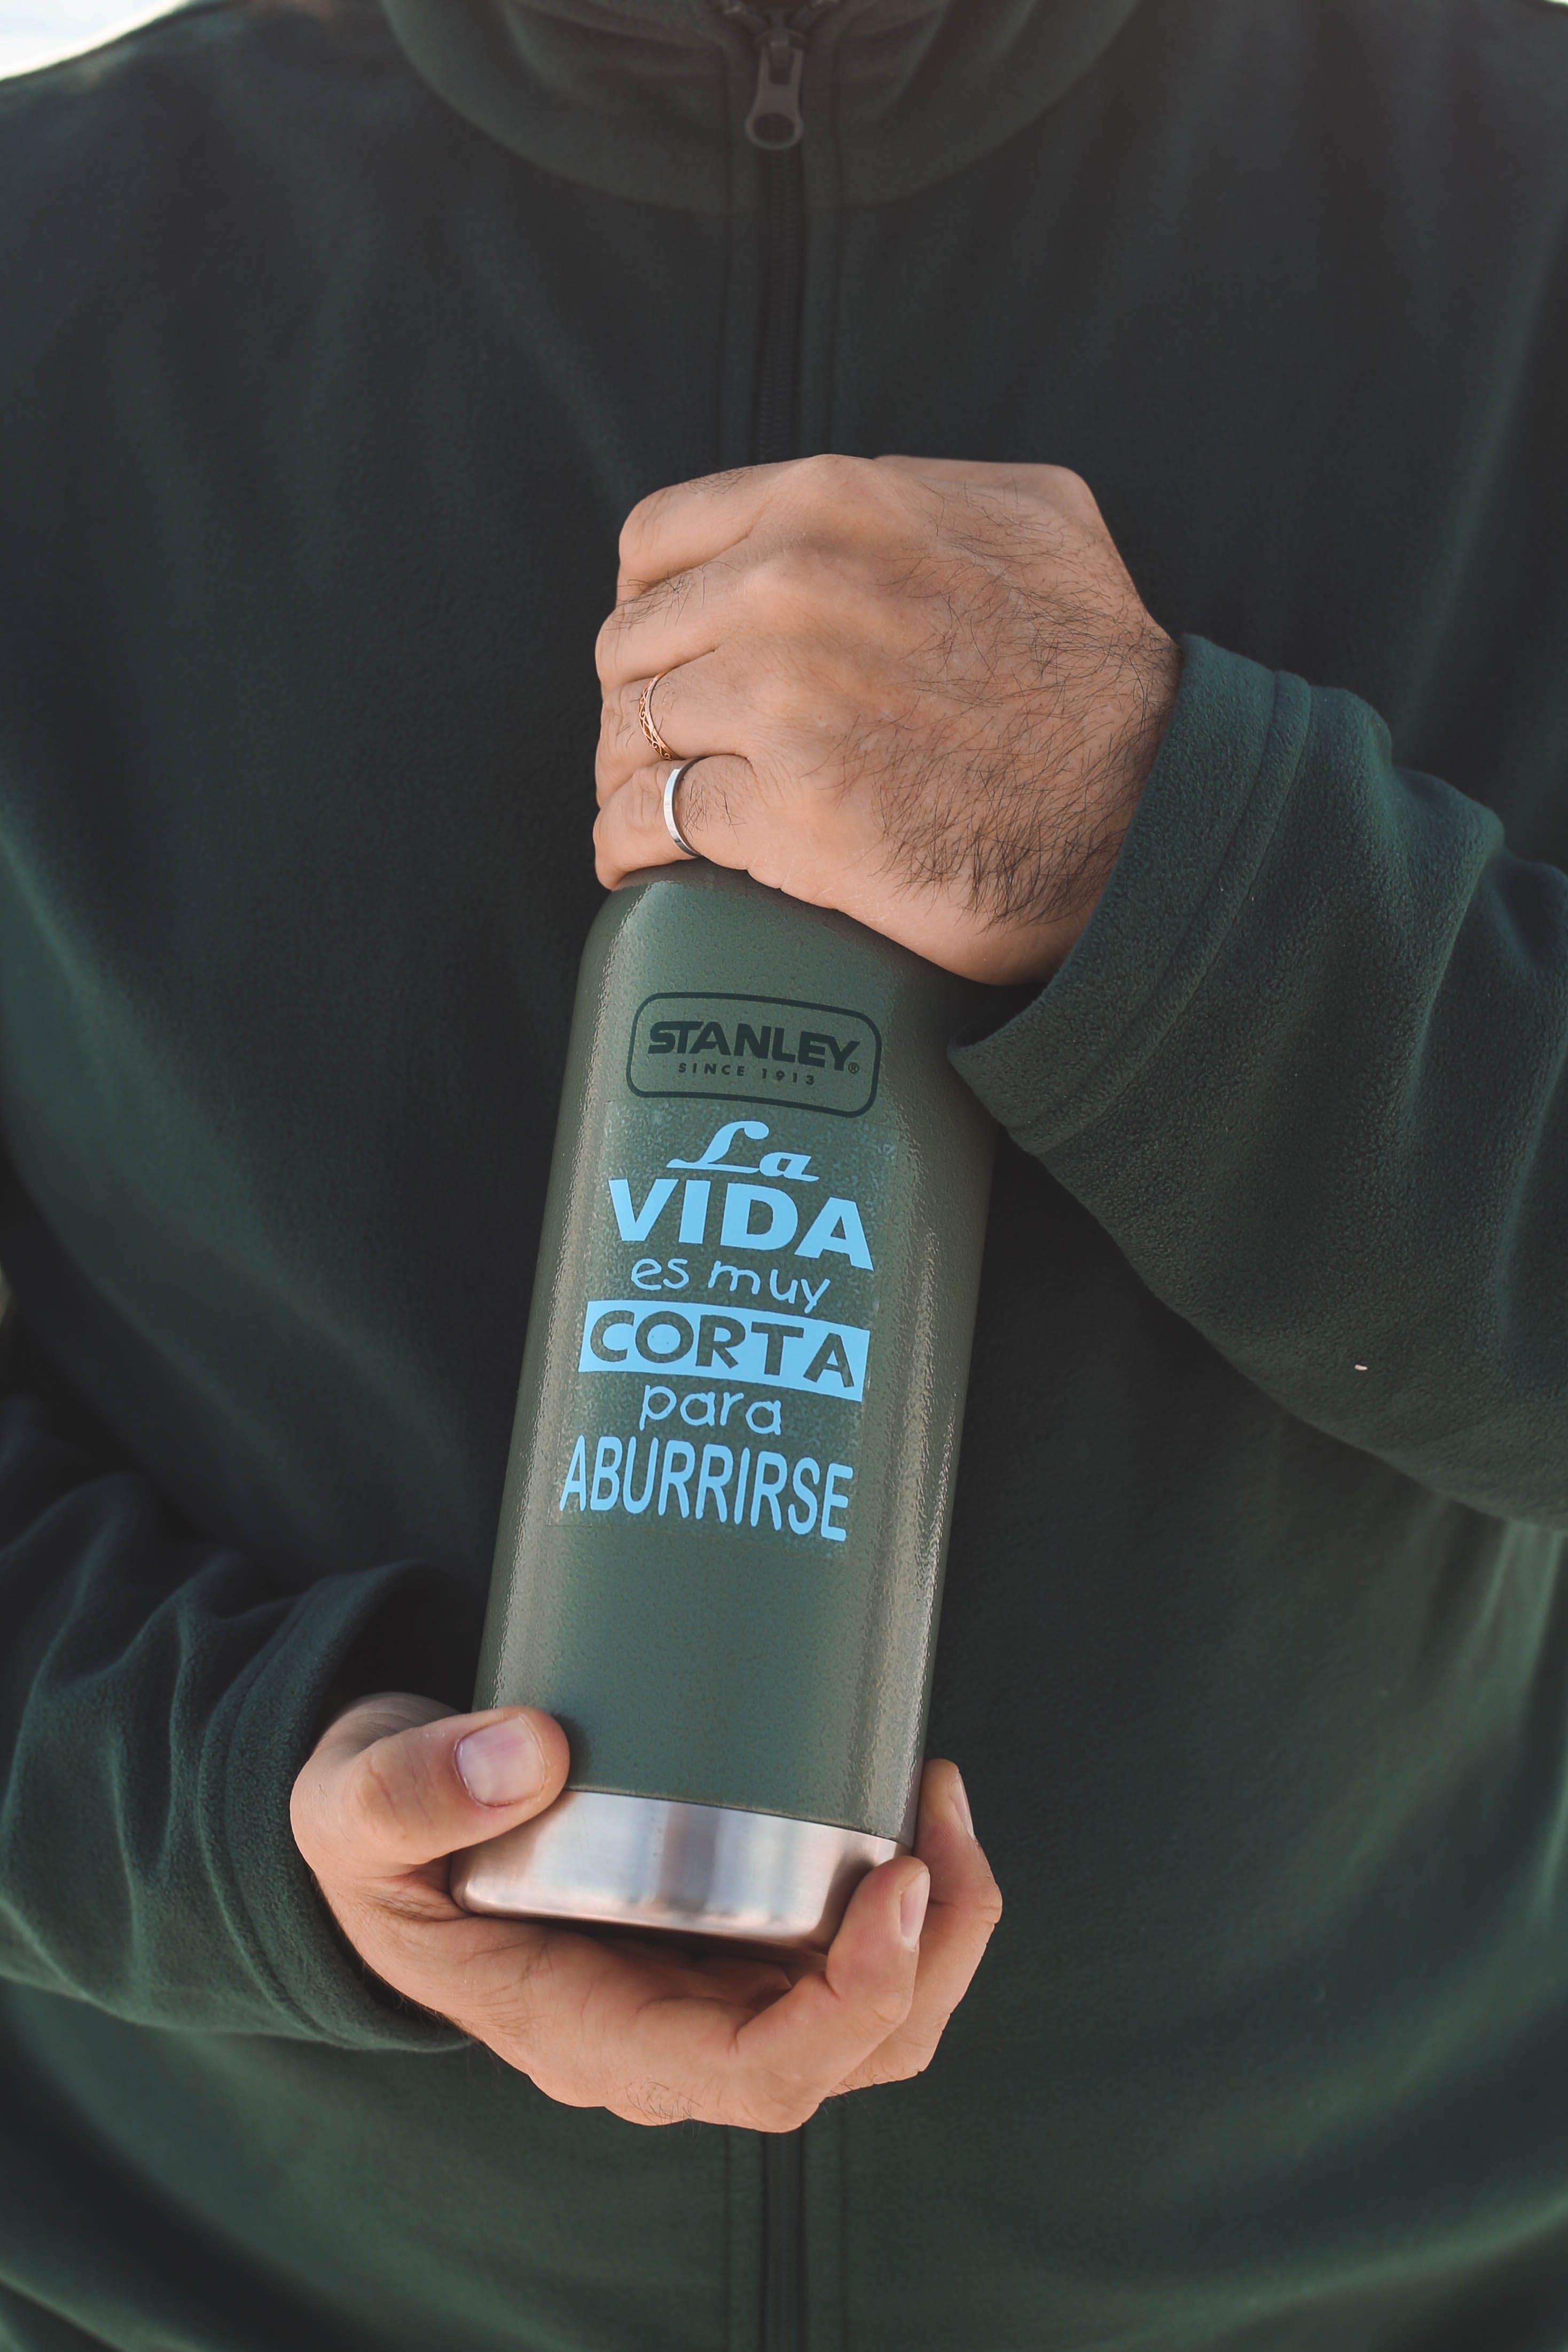 Person's Hand Holding Stanley La Vida Es Muy Corta Para Aburrirse Bottle